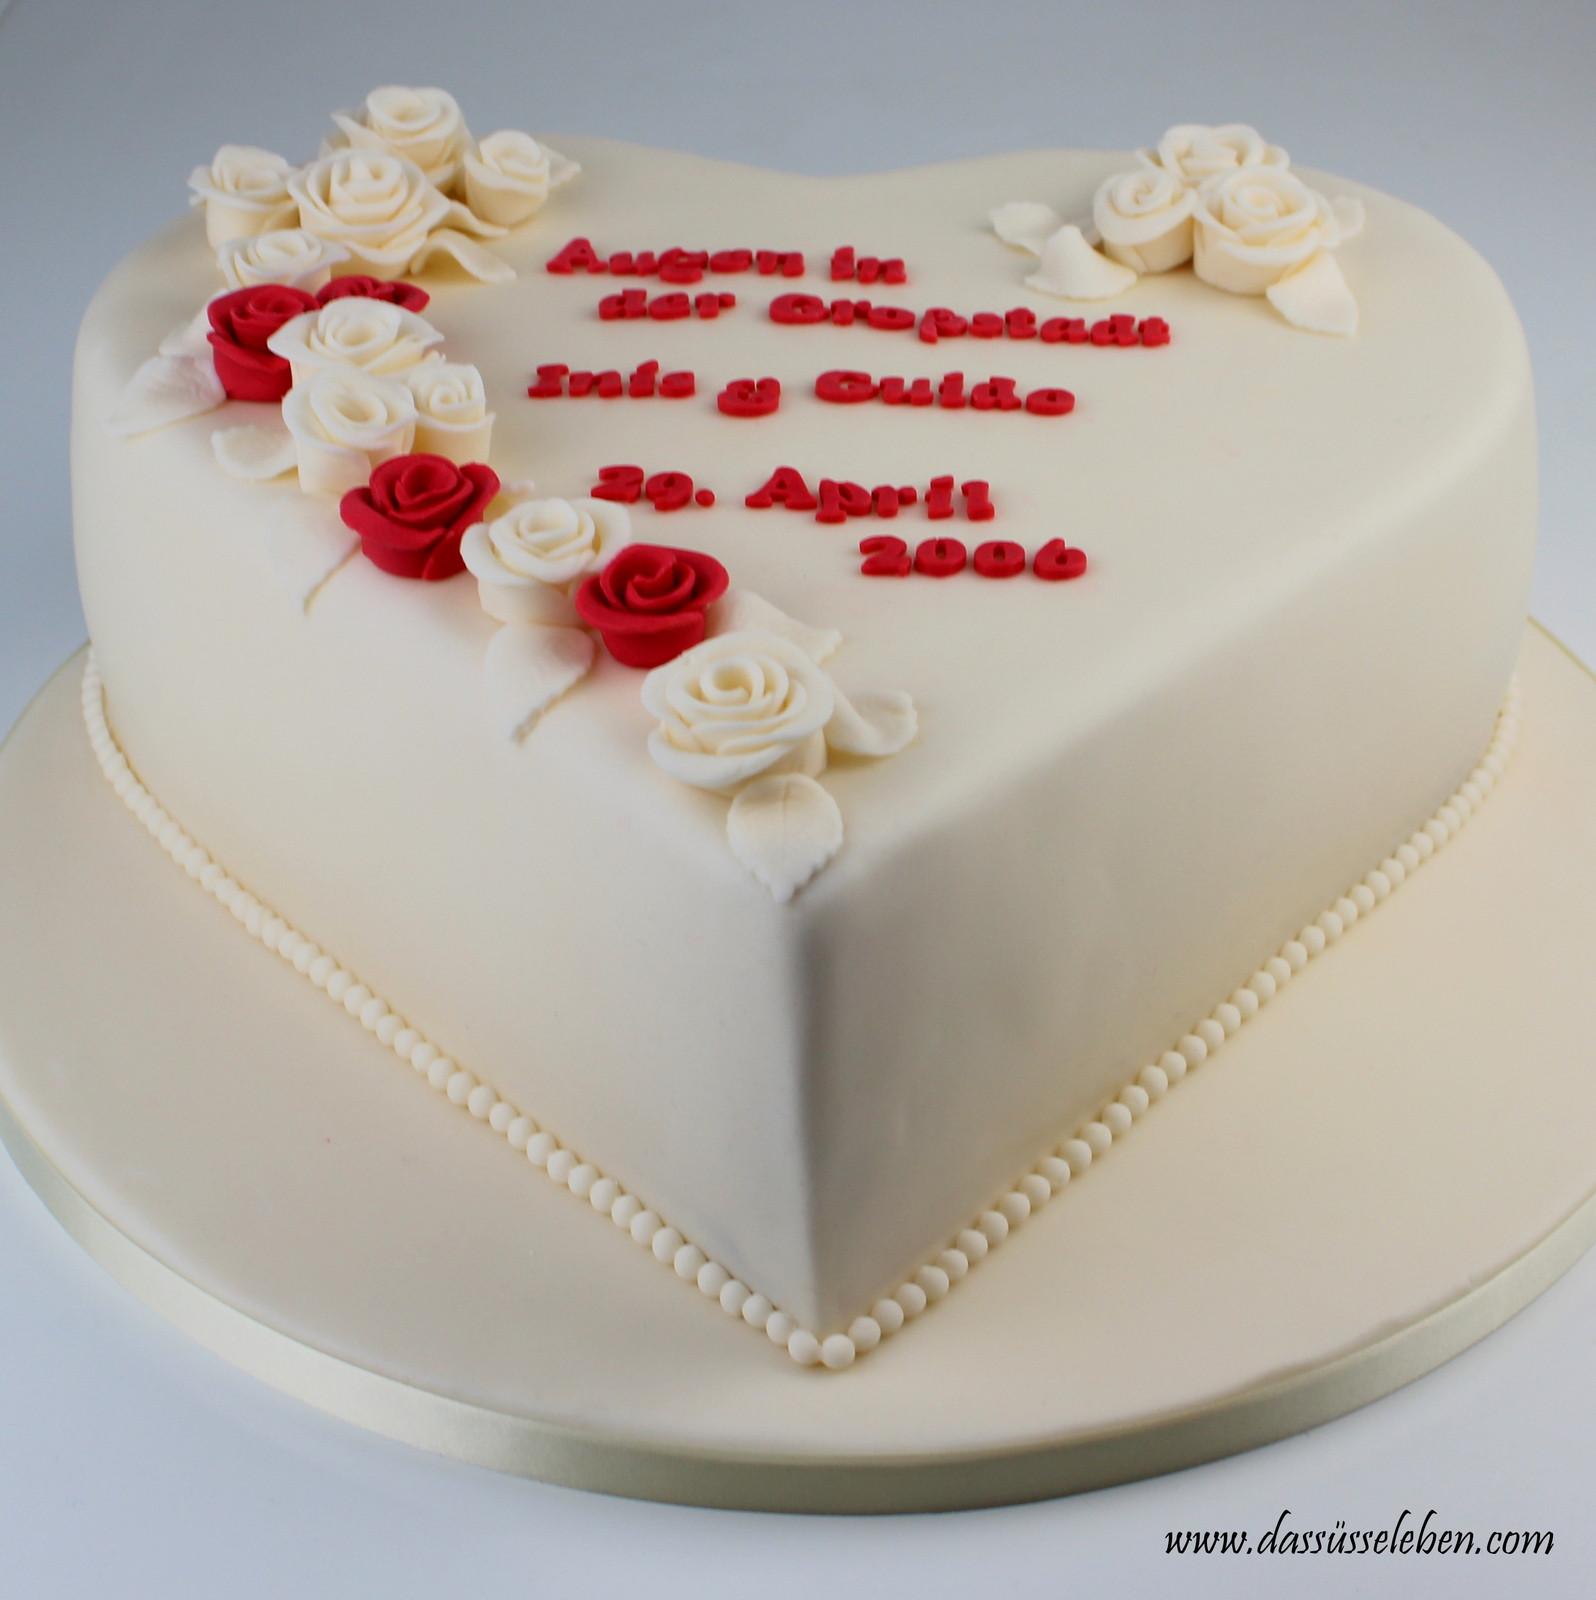 Herztorte Hochzeit  Rezept Herztorte mit Rosen zum 10 Hochzeitstag